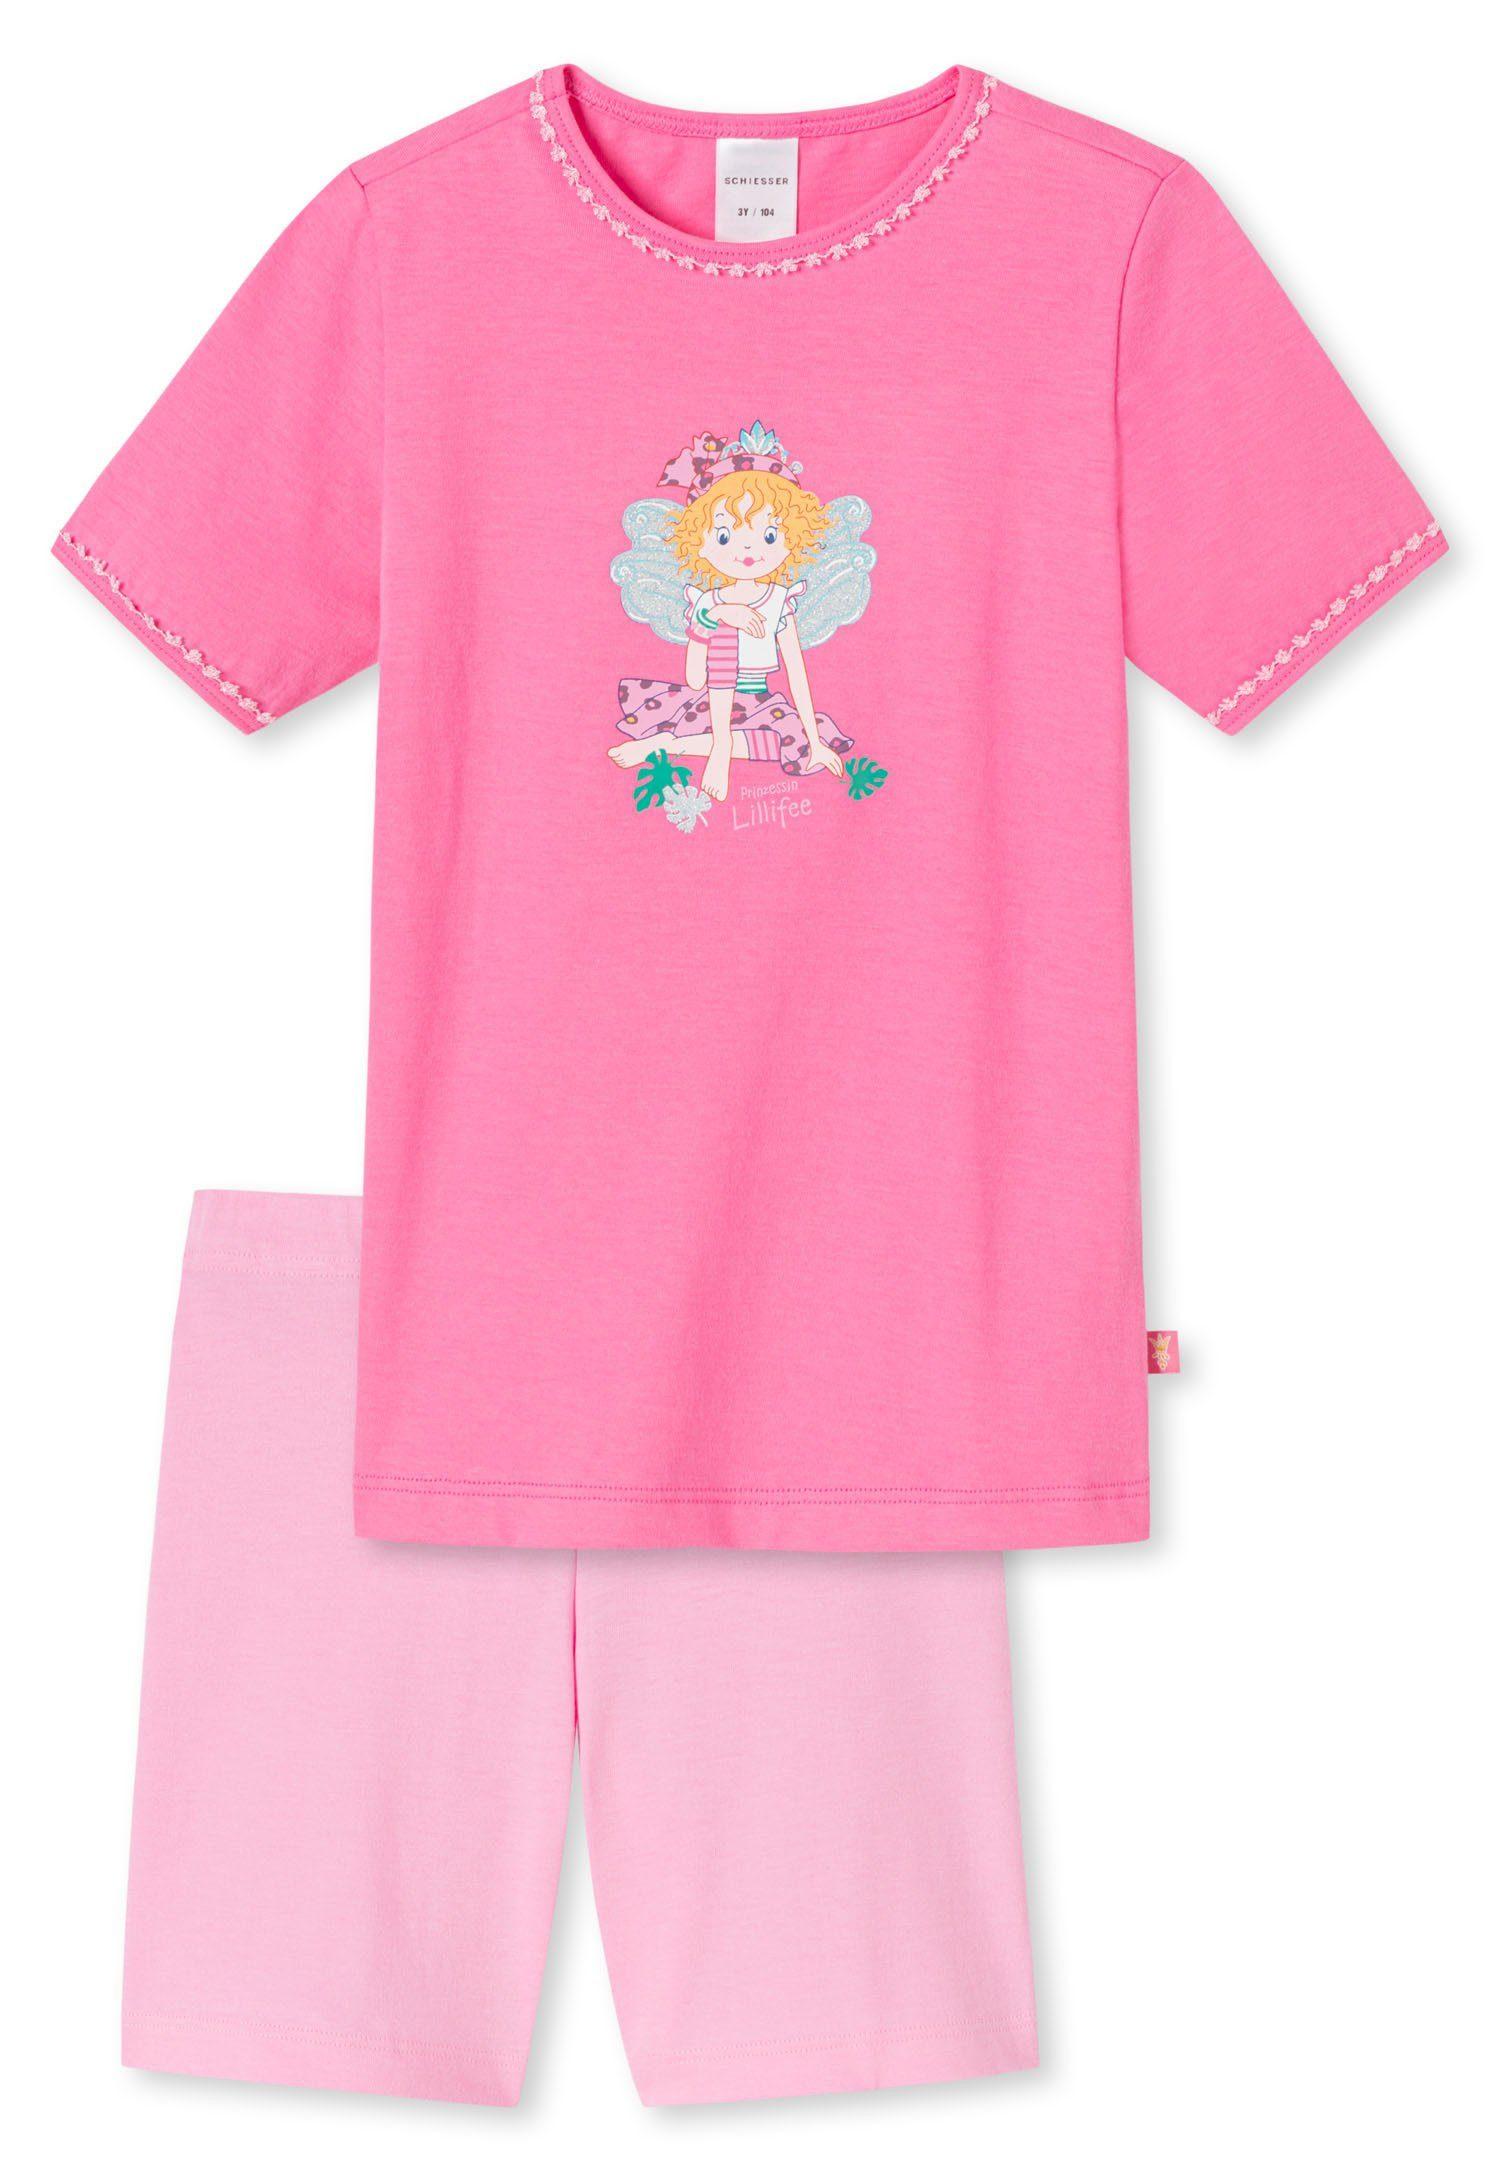 Schiesser Nachthemd Mädchen Baumwolle Single Jersey Sommer NEU